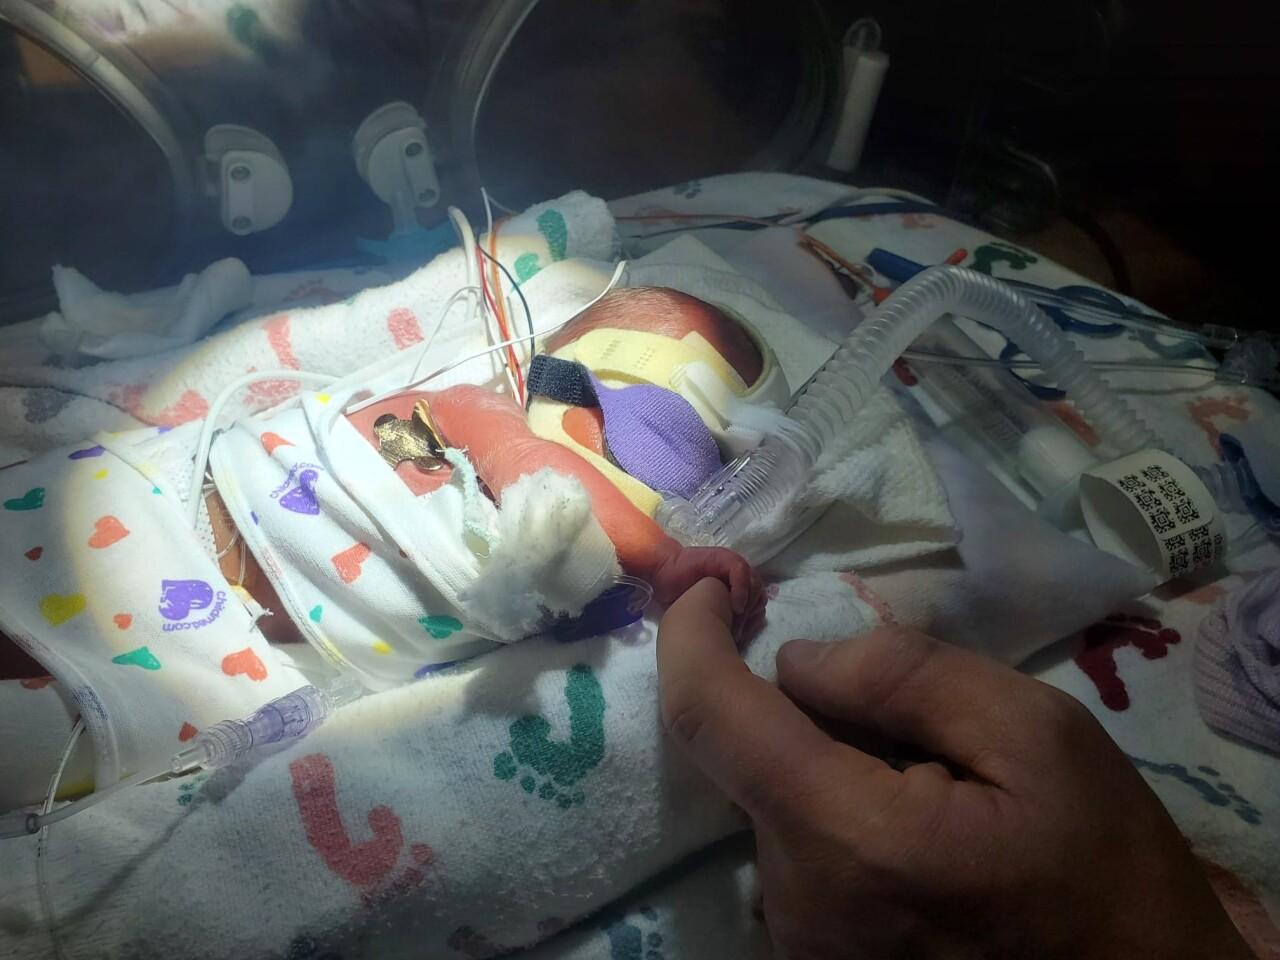 emma leiting incubator holding finger.jpg